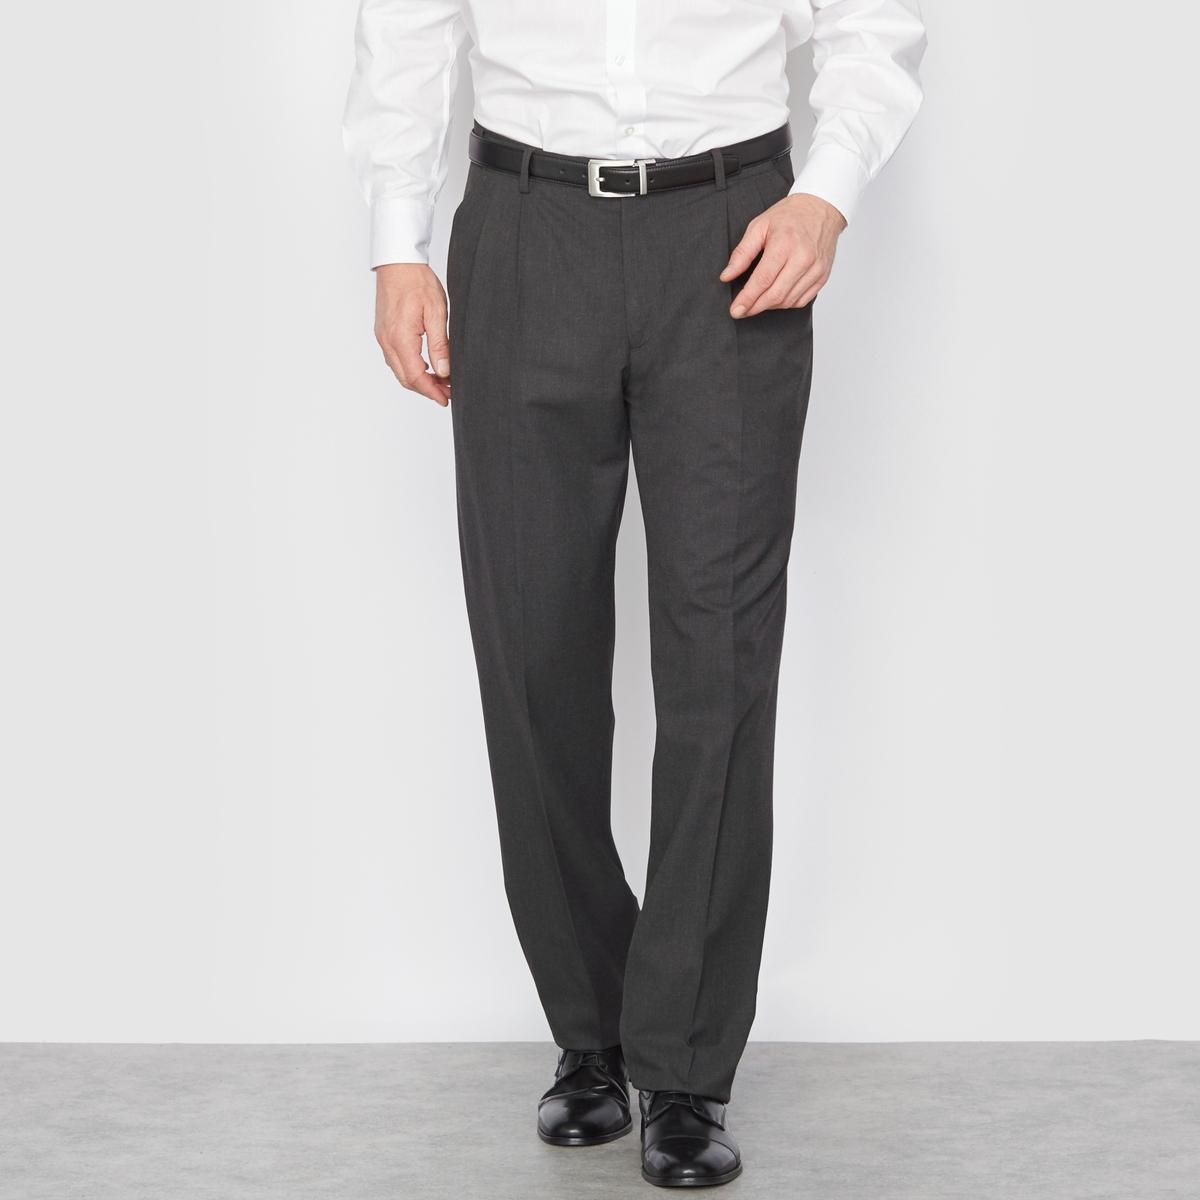 Брюки от костюма с защипами из ткани стретч, длина. 2Брюки можно носить с пиджаком, для создания элегантного и строгого ансамбля, или отдельно.Высококачественная слегка эластичная ткань, 62% полиэстера, 33% вискозы, 5% эластана. Подкладка 100% полиэстер.Длина 2 : при росте от 187 см.  Пояс с потайной регулировкой для максимального комфорта и адаптации к любому обхвату талии. Застежка на молнию, пуговицу и крючок. 2 косых кармана. 1 прорезной карман с пуговицей сзади. Необработанный низ. Длина 2 : при росте от 187 см :- Длина по внутр.шву : 91,8-94,8 см, в зависимости от размера. - Ширина по низу : 21,9-27,9 см, в зависимости от размера. Есть также модель длины 1 : при росте до 187 см. Есть также модель без защипов.<br><br>Цвет: антрацит,темно-синий<br>Размер: 46 (FR) - 52 (RUS).48 (FR) - 54 (RUS).56.60.62.68.52 (FR) - 58 (RUS).62